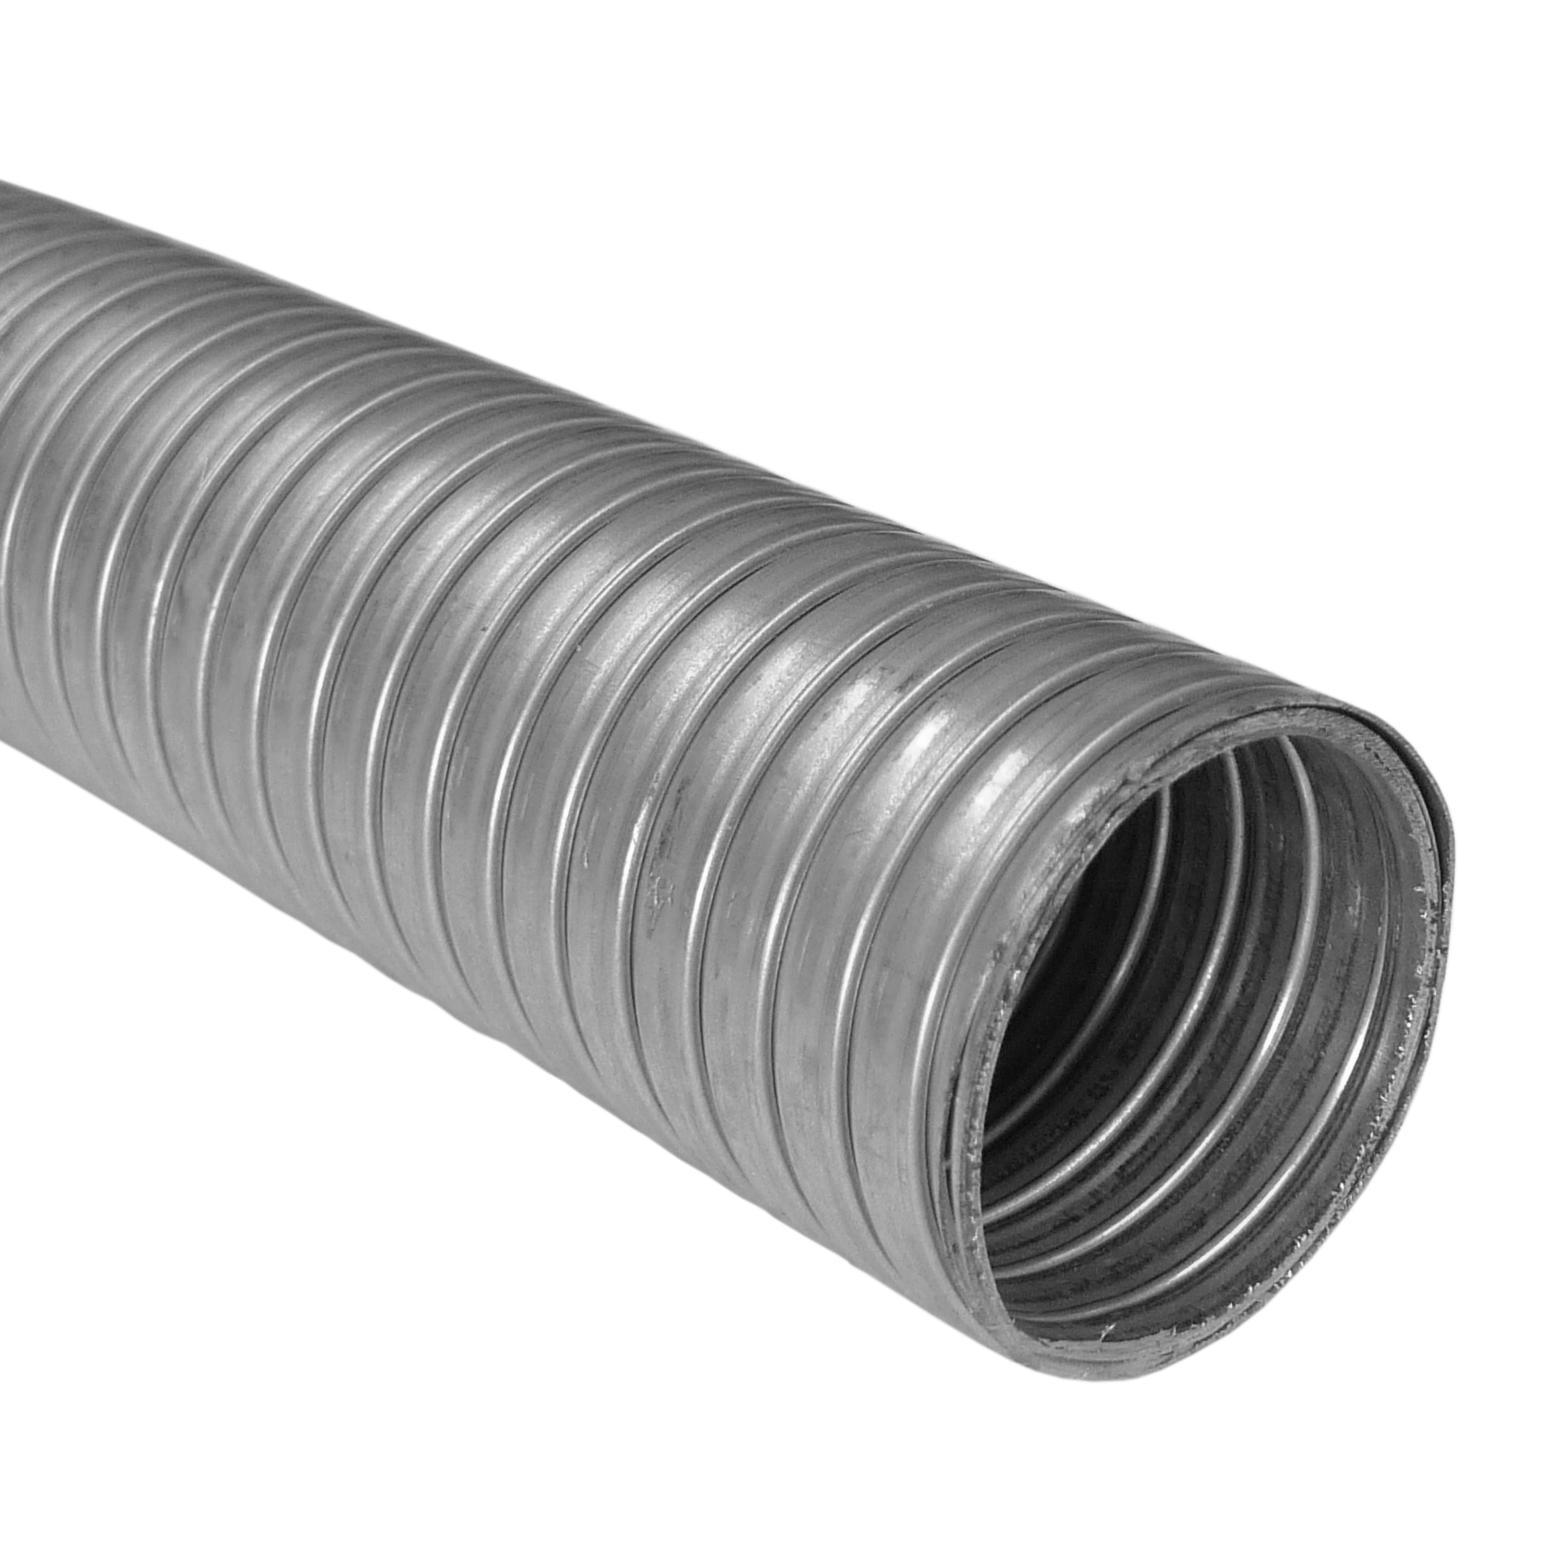 Flexible Pipe 2 Inch Bore Per 1/2 Metre  sc 1 st  Merlin Motorsport & 2 Flexible Exhaust Pipe from Merlin Motorsport